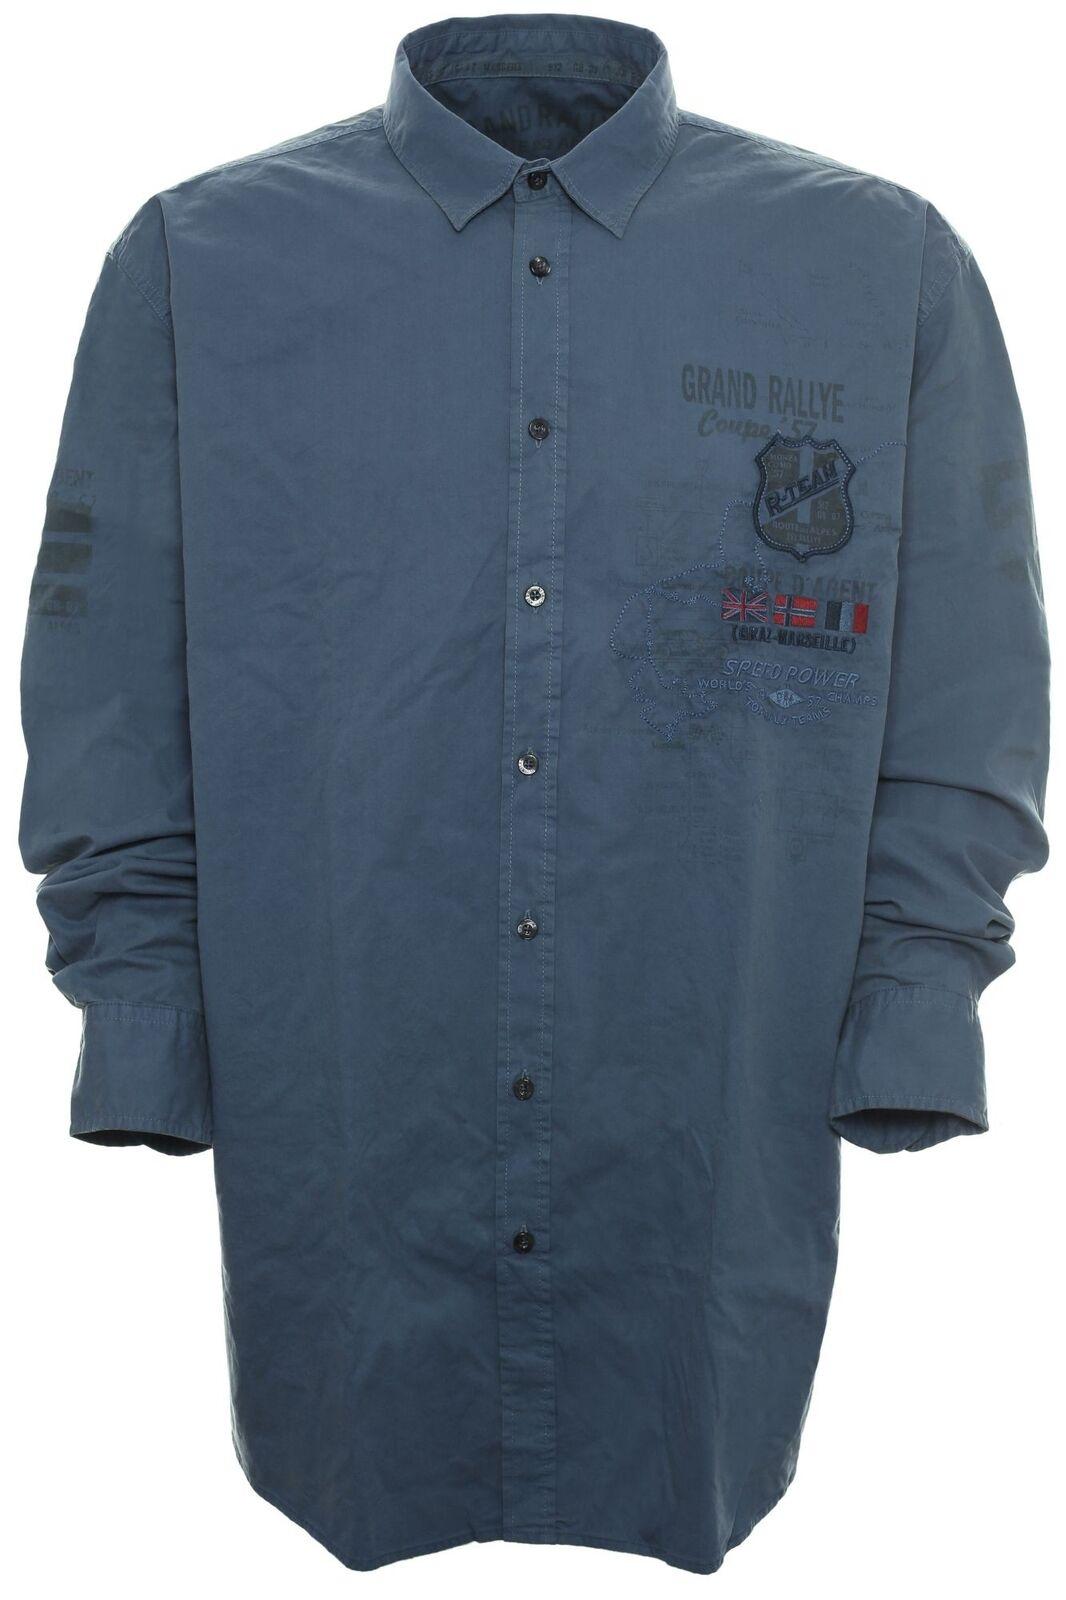 9e4bcba5e2 ... KITARO Chemise Décontracté Shirt Homme Manches Manches Manches Longues  Kent Col plusgröße grande taille 1135e4 ...